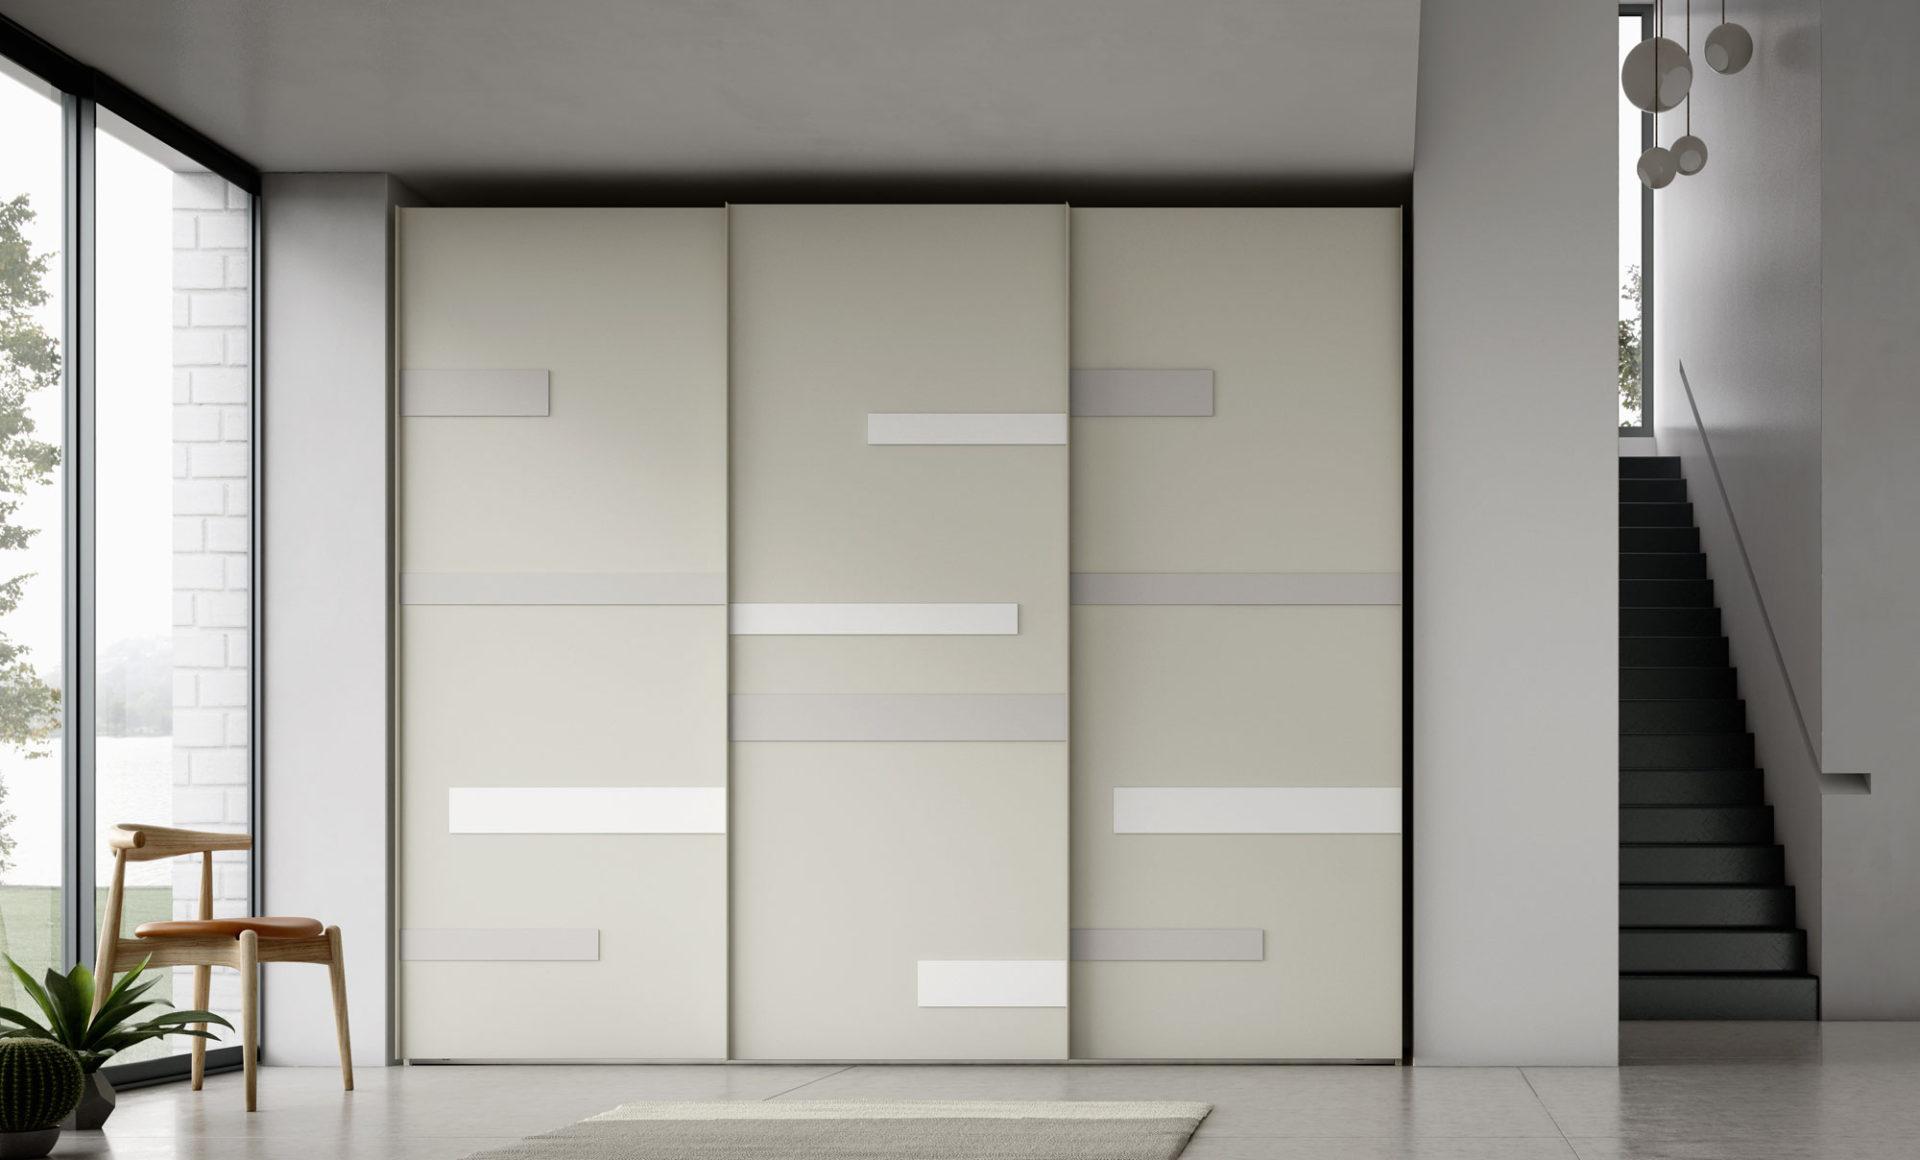 Orme armadio anta scorrevole art 4 orme for Programma design interni